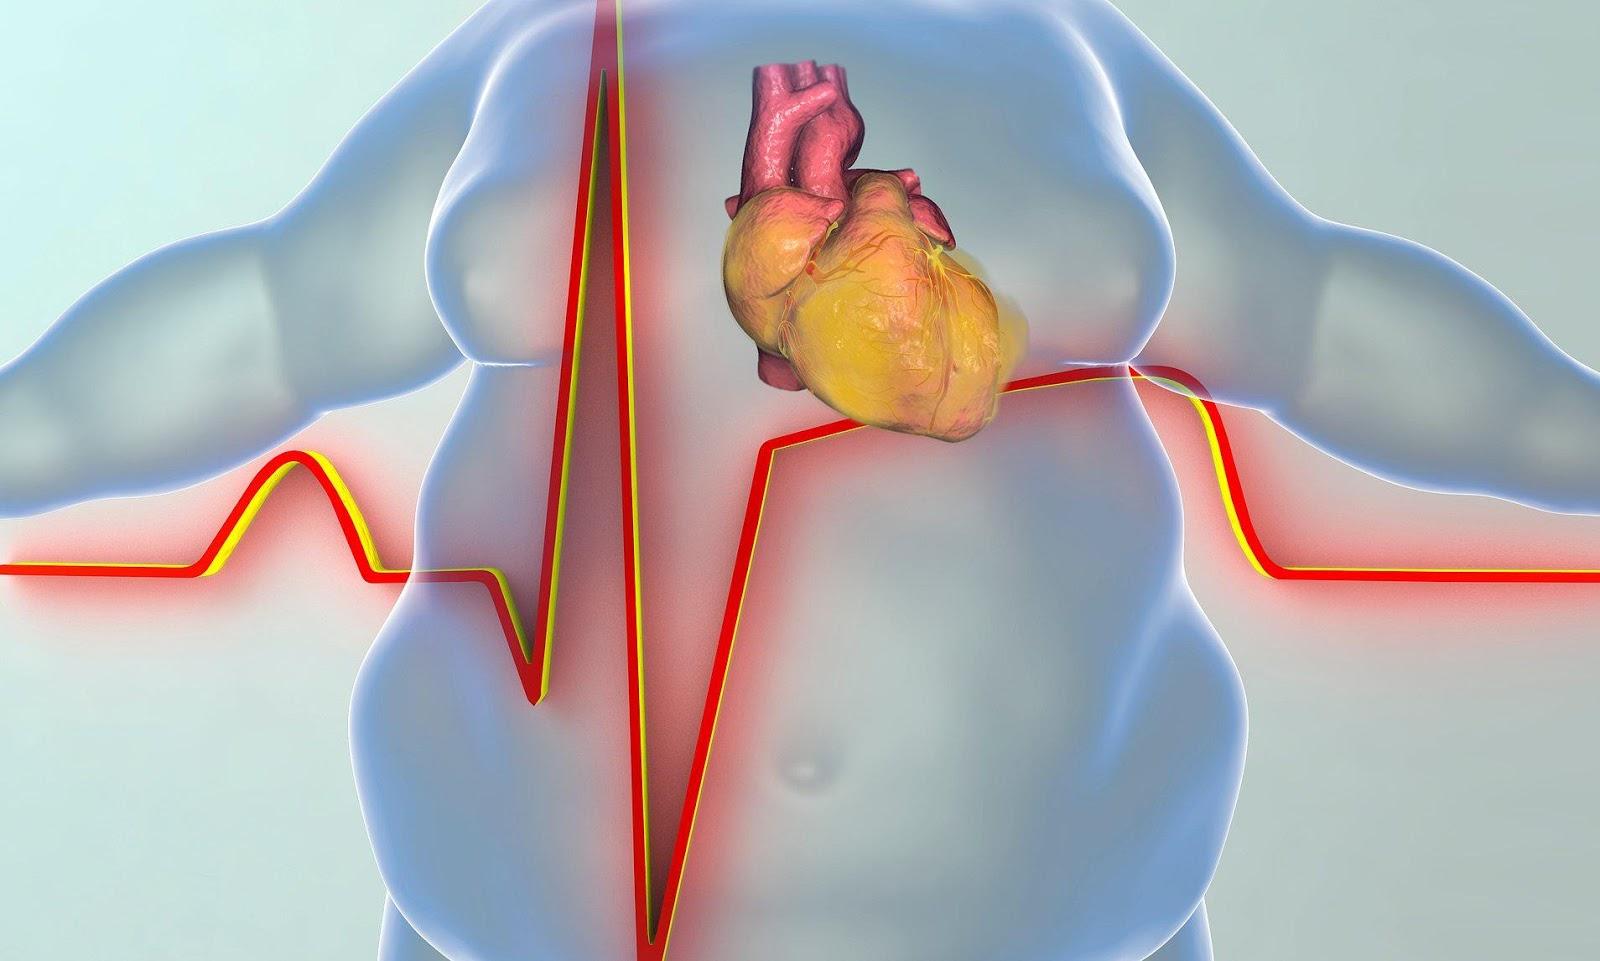 Nhu cầu dinh dưỡng của người mắc các bệnh tim mạch